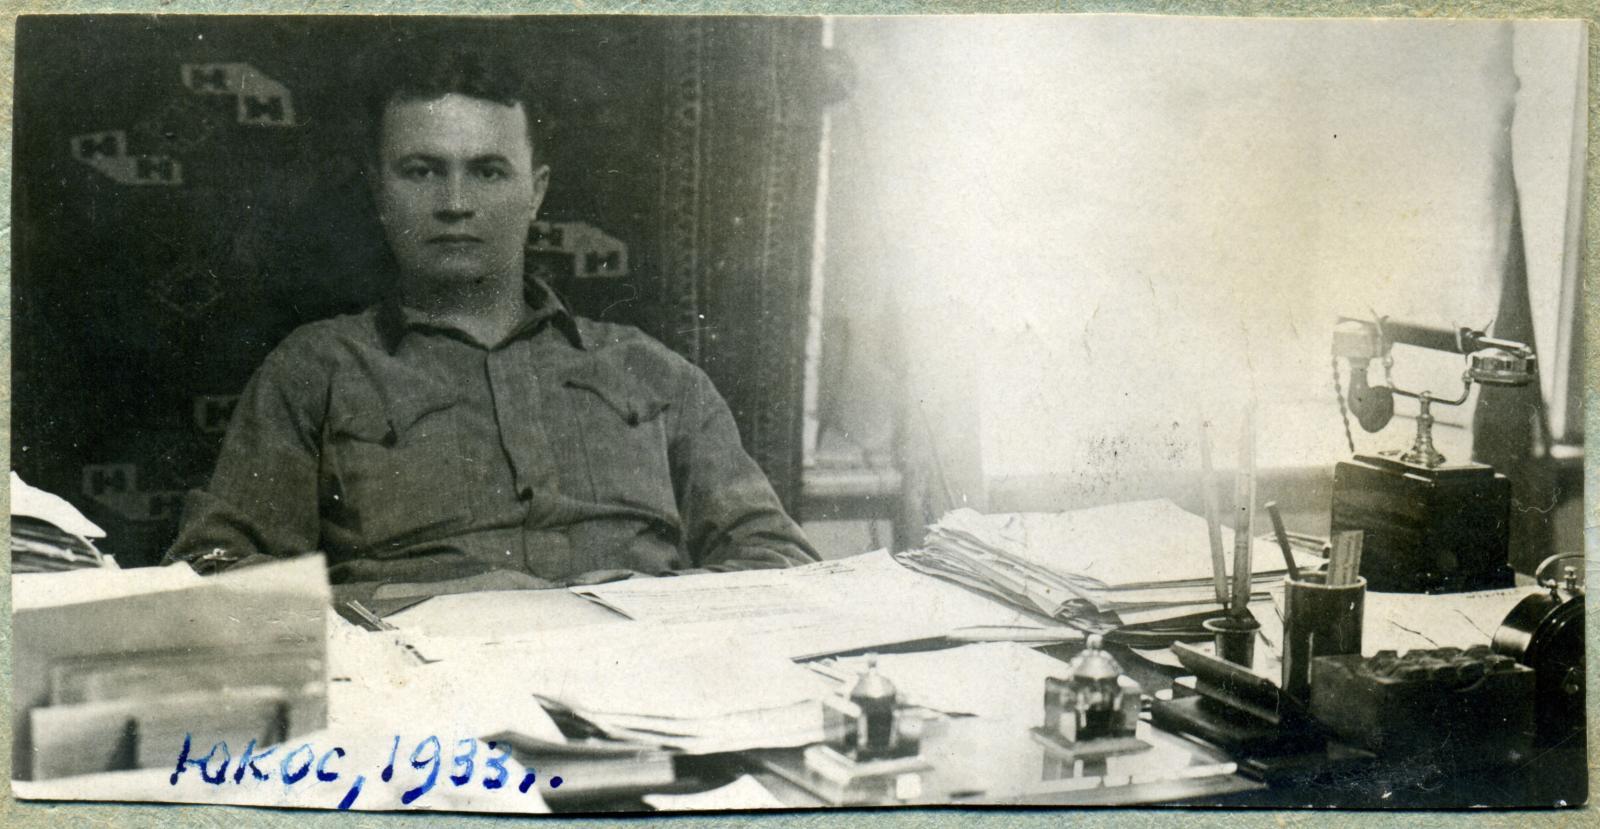 1933. Василий Макарович Маевский в кабинете за рабочим столом